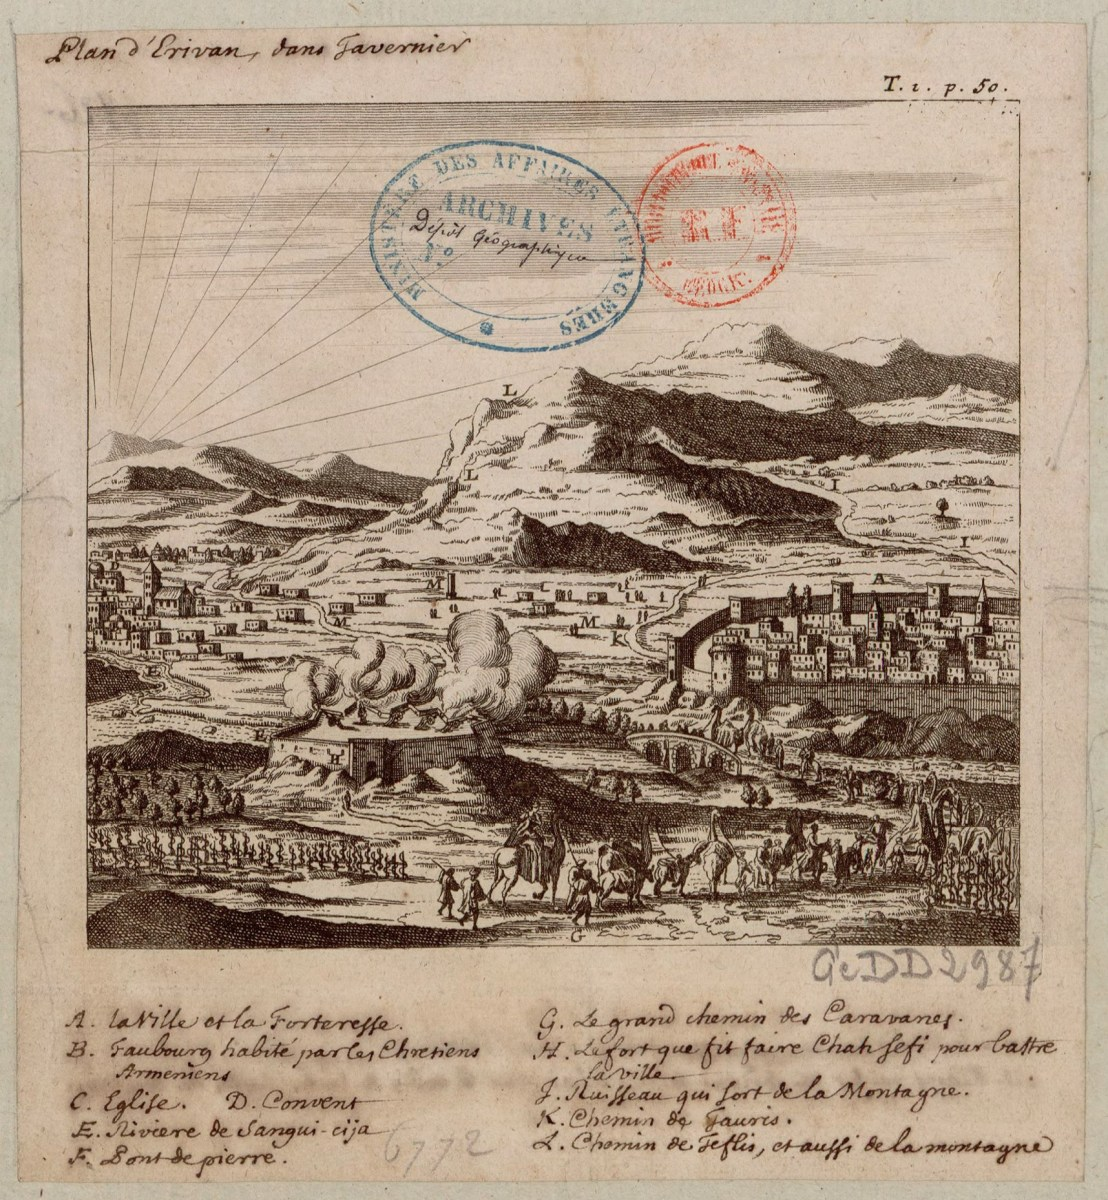 ImagePlan-d'Erivan--dans-Tavernier-Tavernier,-Jean-Baptiste-(1605-1689).-Auteur-adapté